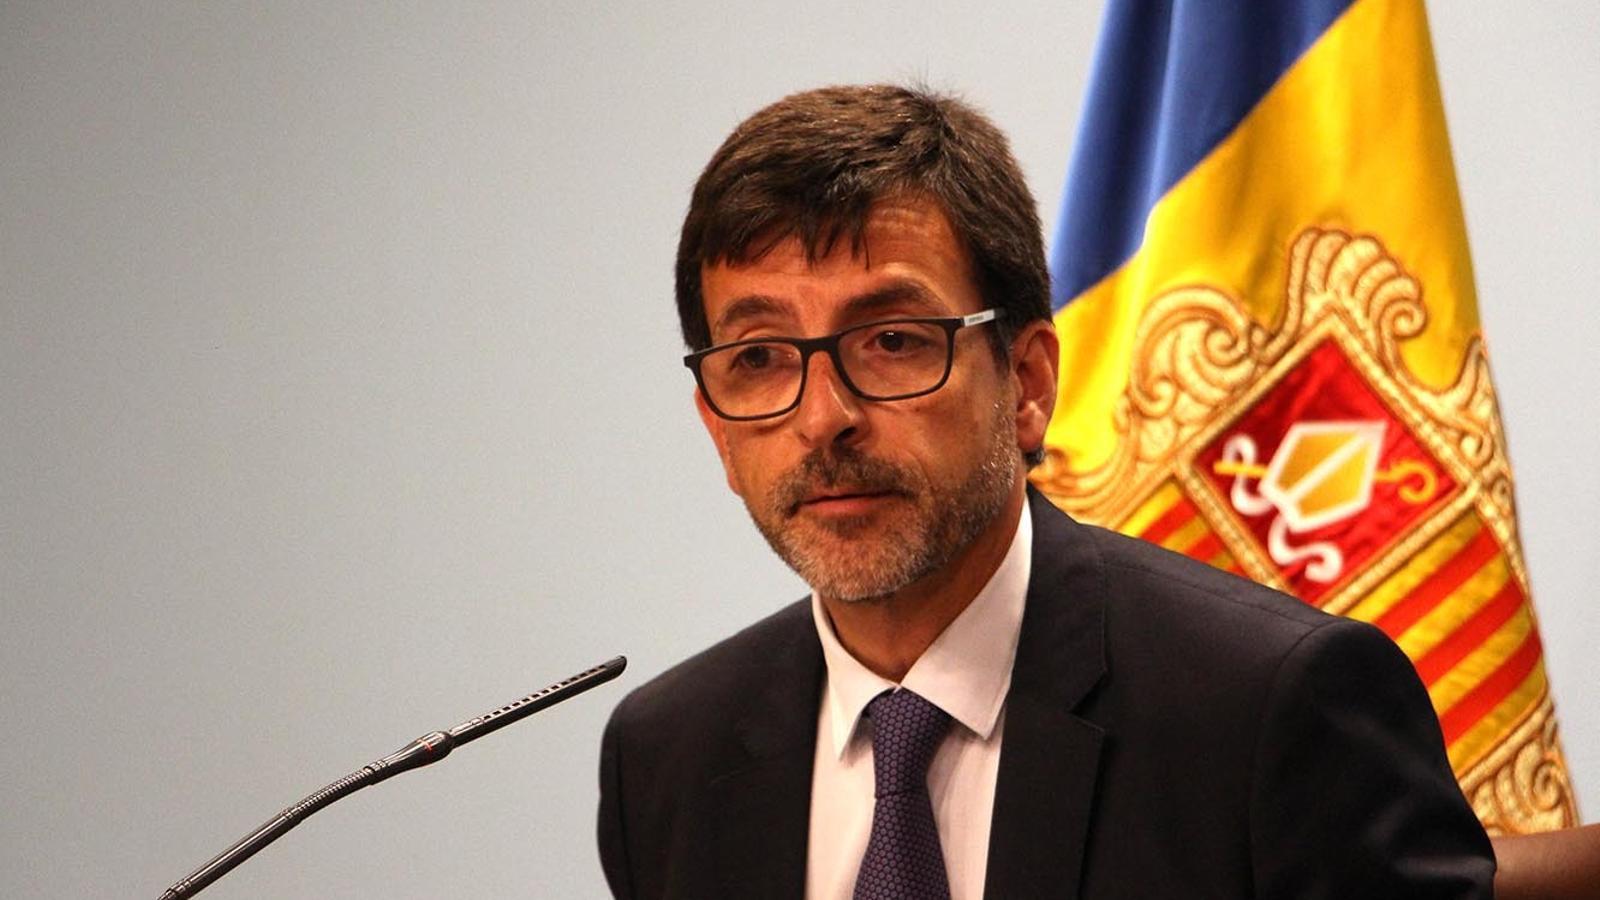 El ministre portaveu, Jordi Cinca, en la roda de premsa posterior al consell de ministres. / M. F. (ANA)